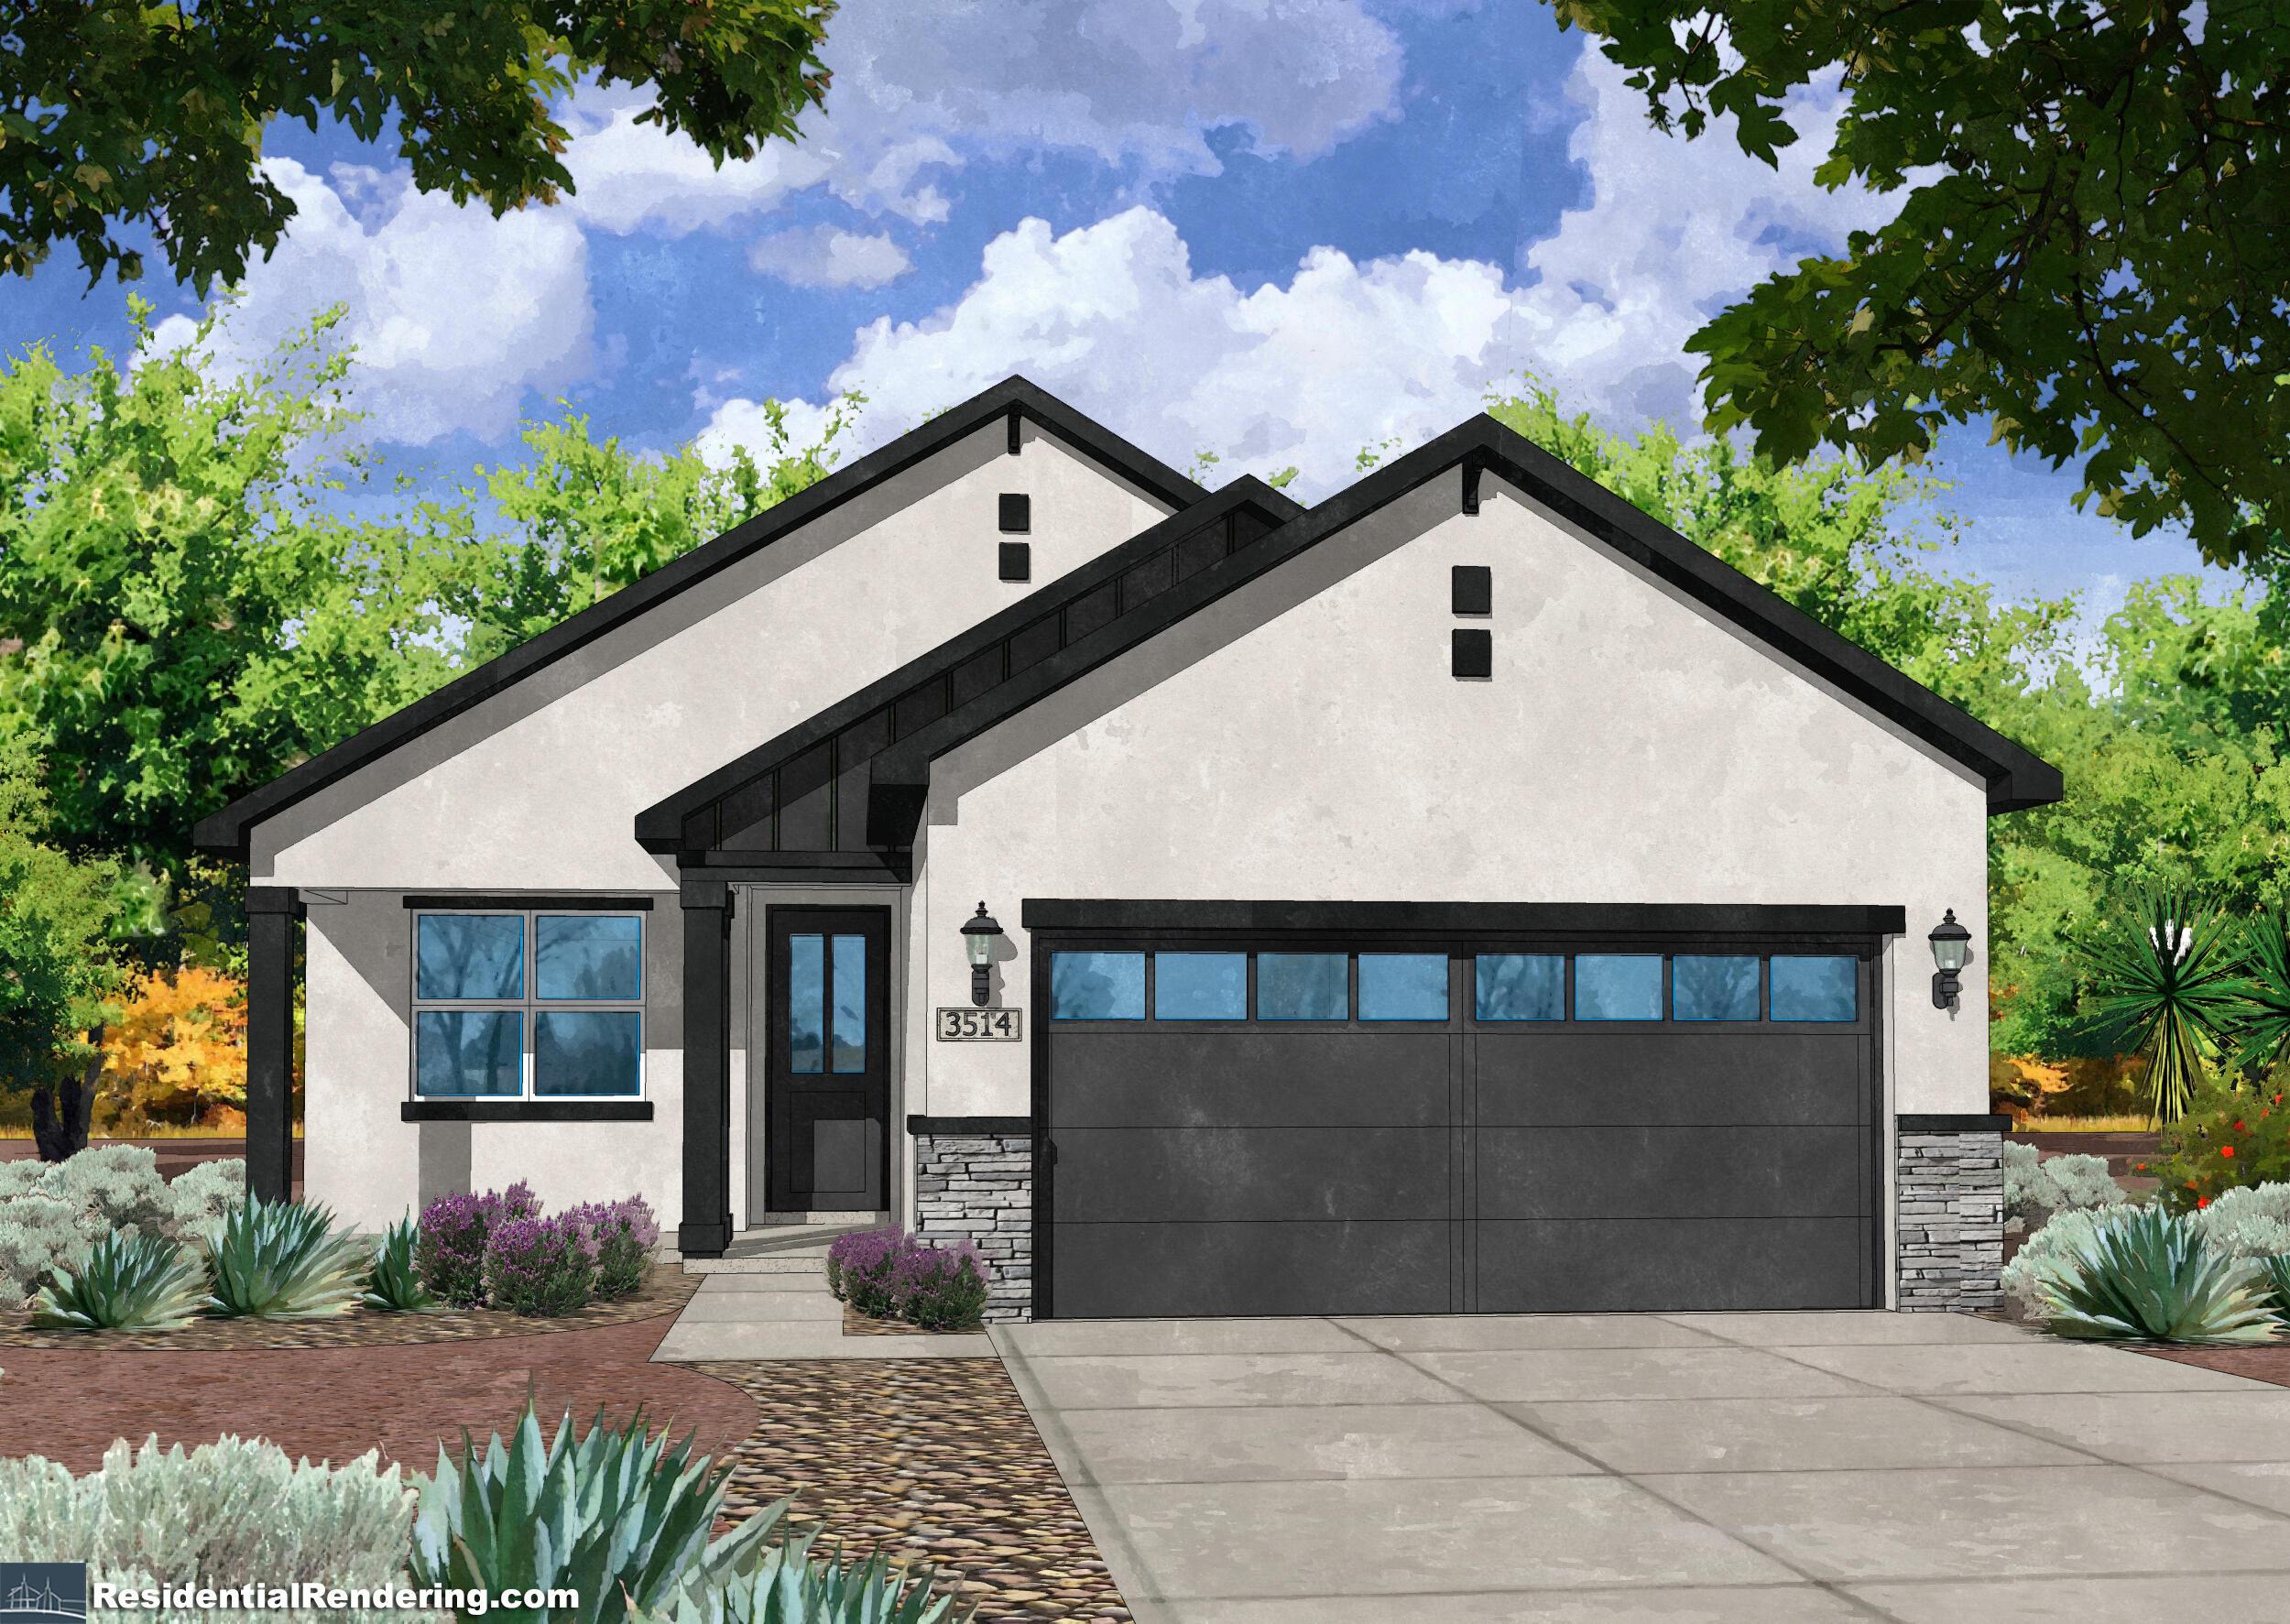 6705 Delgado Way, Rio Rancho NM 87144